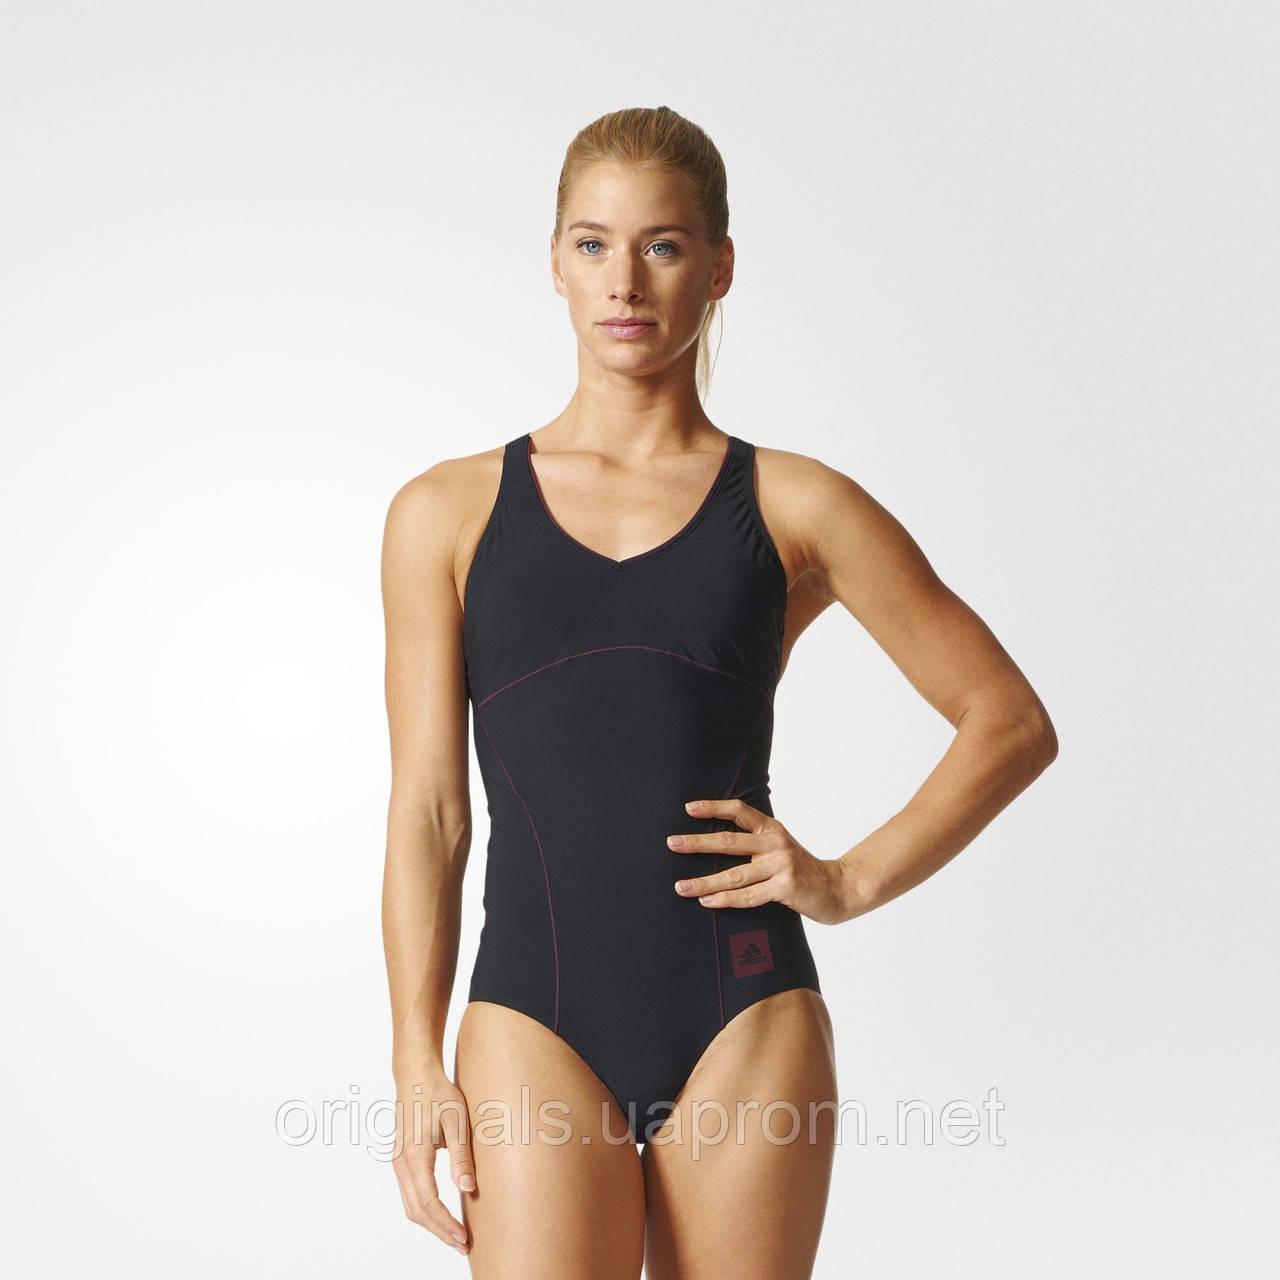 Спортивный купальник женский adidas Solid BP5428 - интернет-магазин Originals - Оригинальный Адидас, Рибок в Киеве